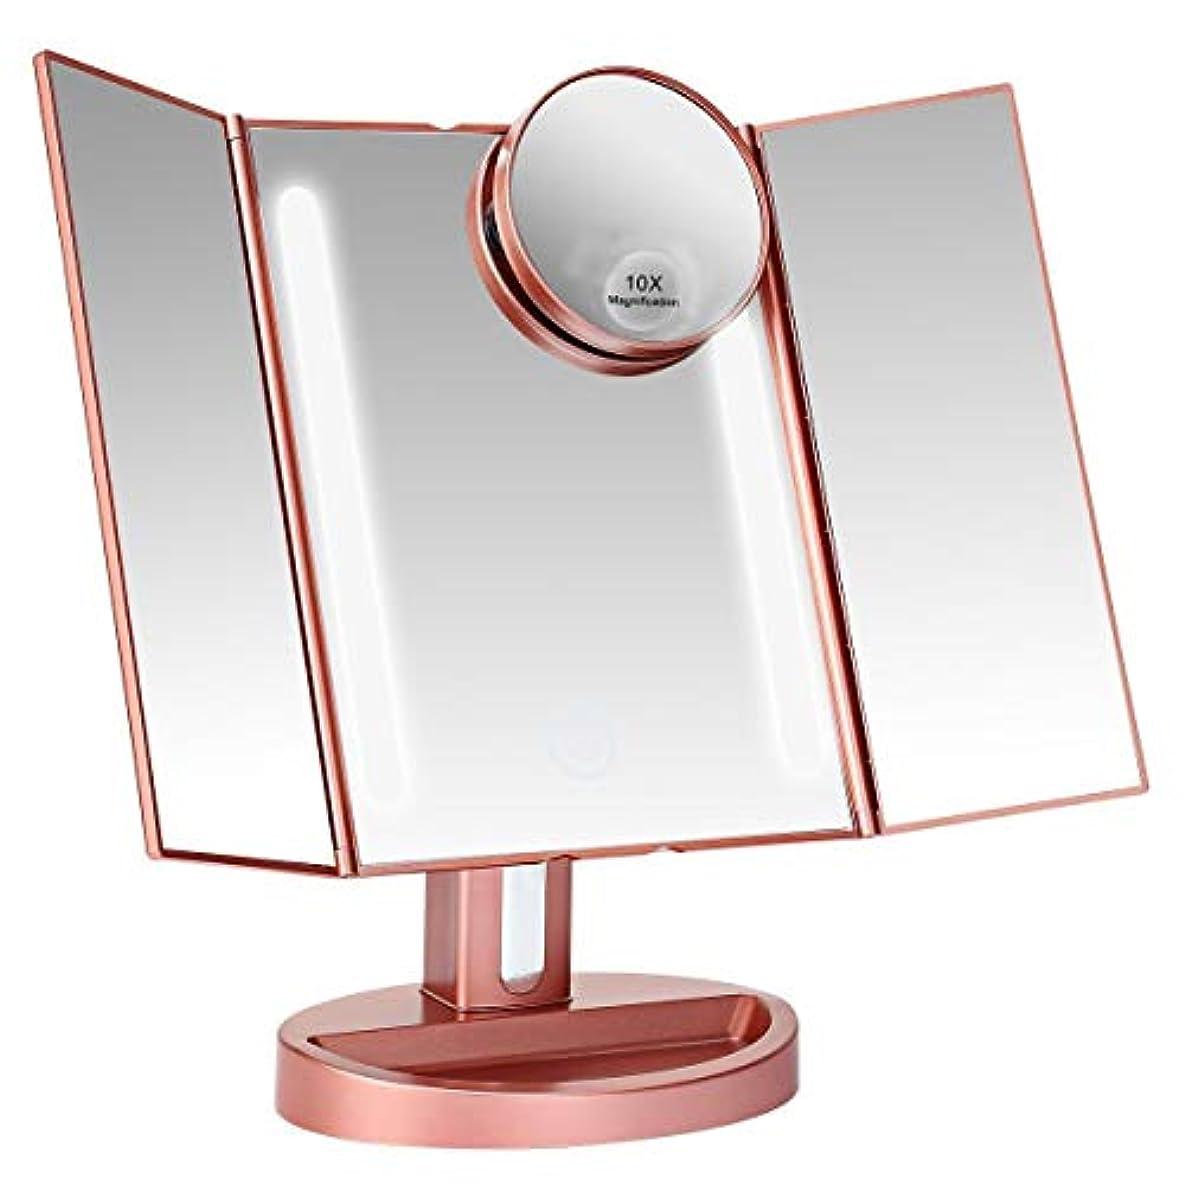 植物学チップシダ化粧鏡 明るさ調節 180度回転 LED三面鏡 折りたたみ式 10倍拡大鏡付き